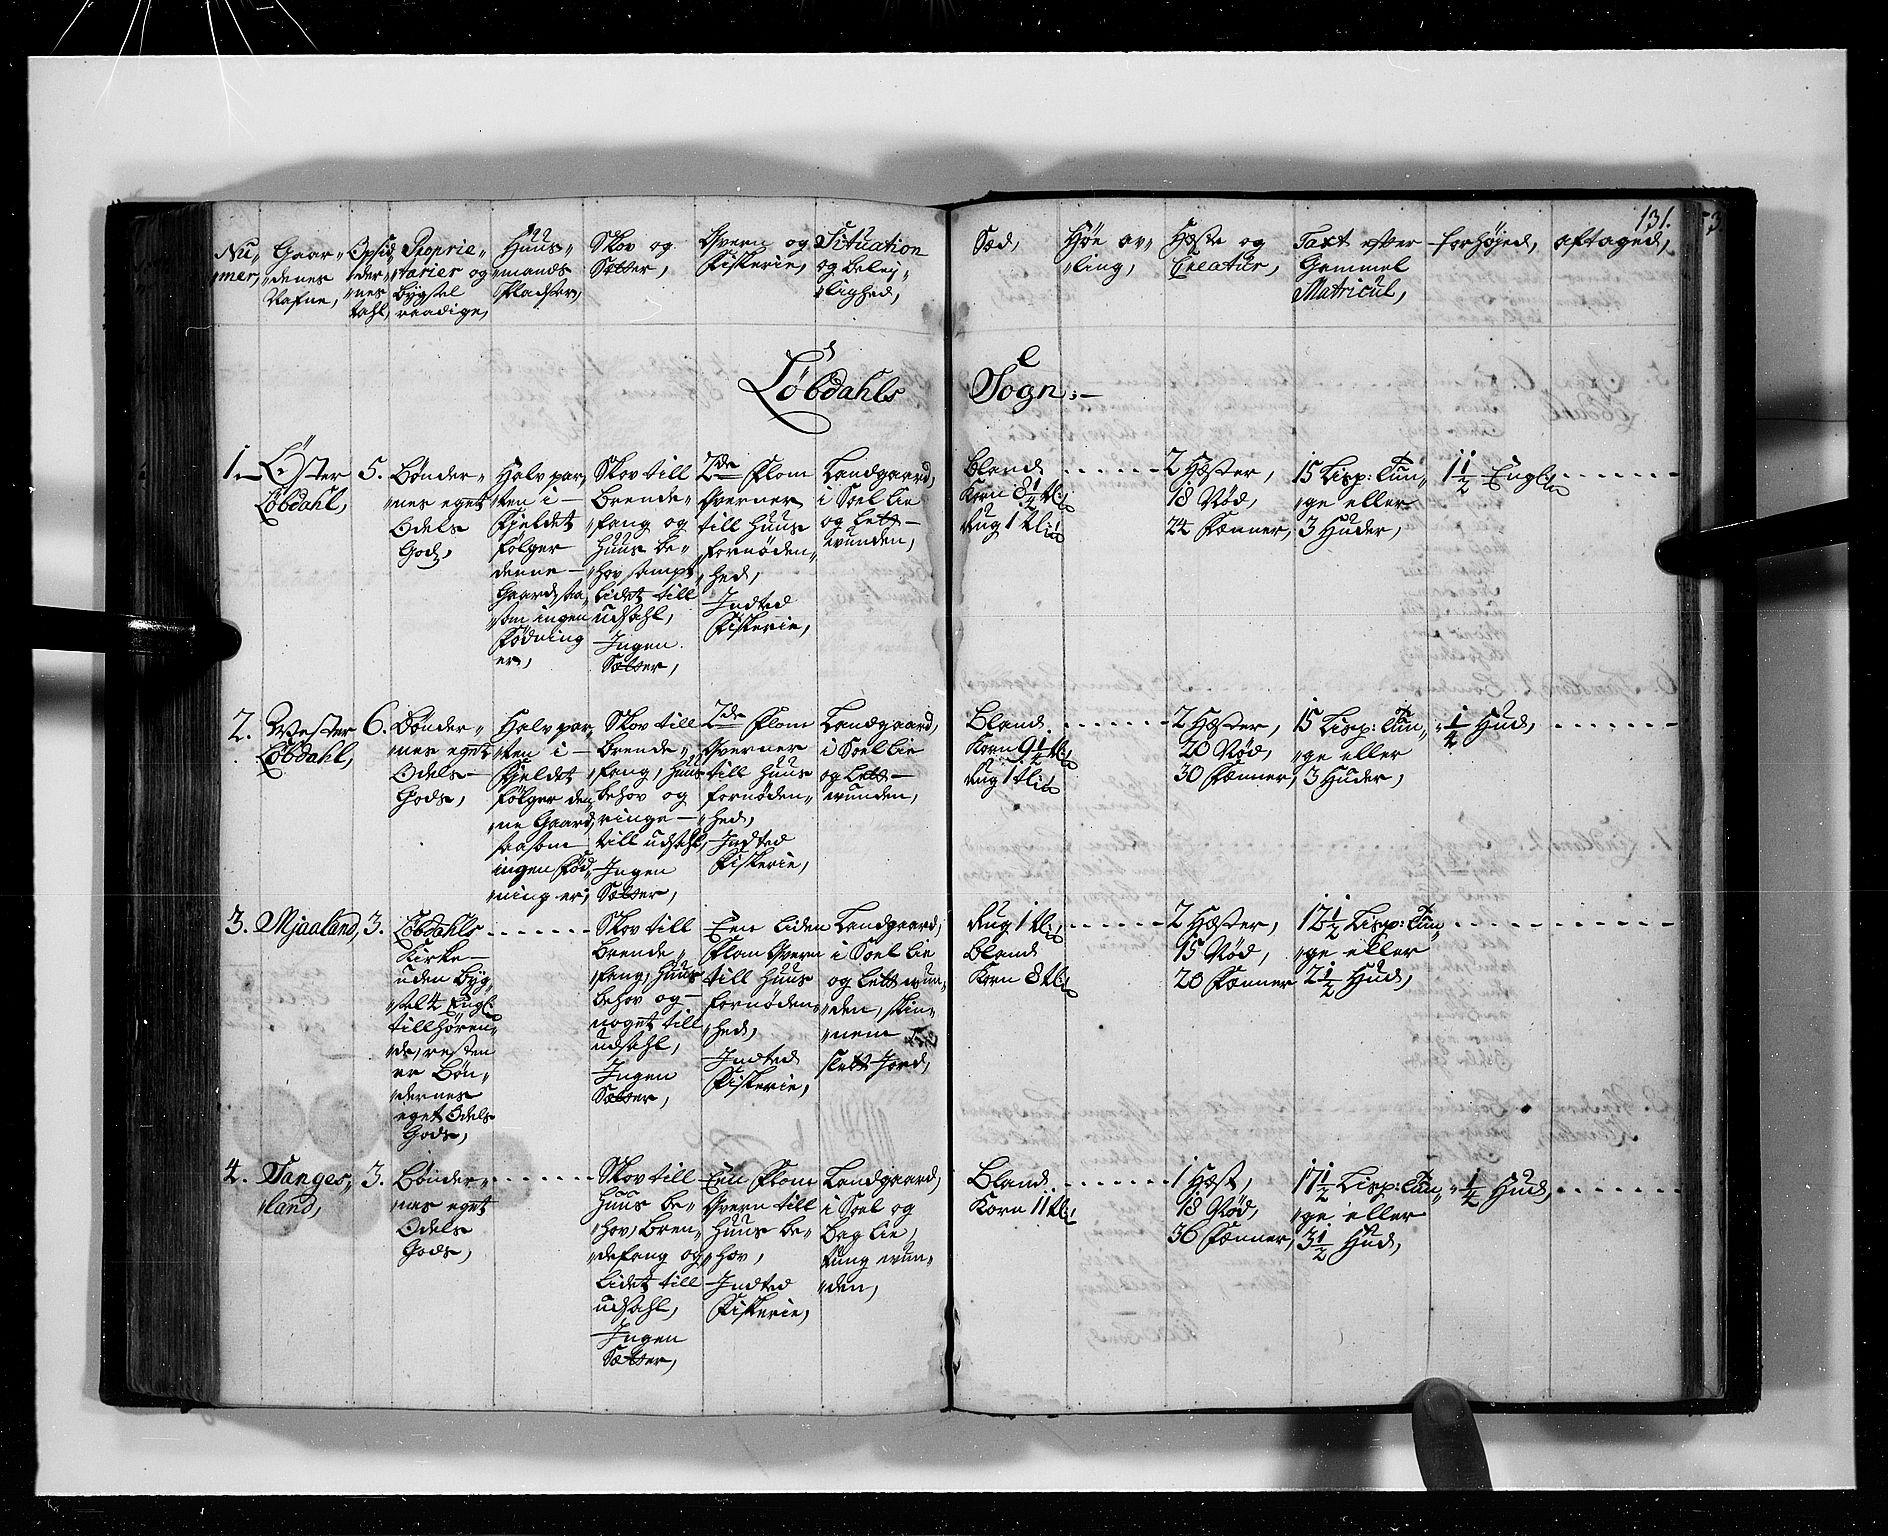 RA, Rentekammeret inntil 1814, Realistisk ordnet avdeling, N/Nb/Nbf/L0127: Mandal eksaminasjonsprotokoll, 1723, s. 130b-131a